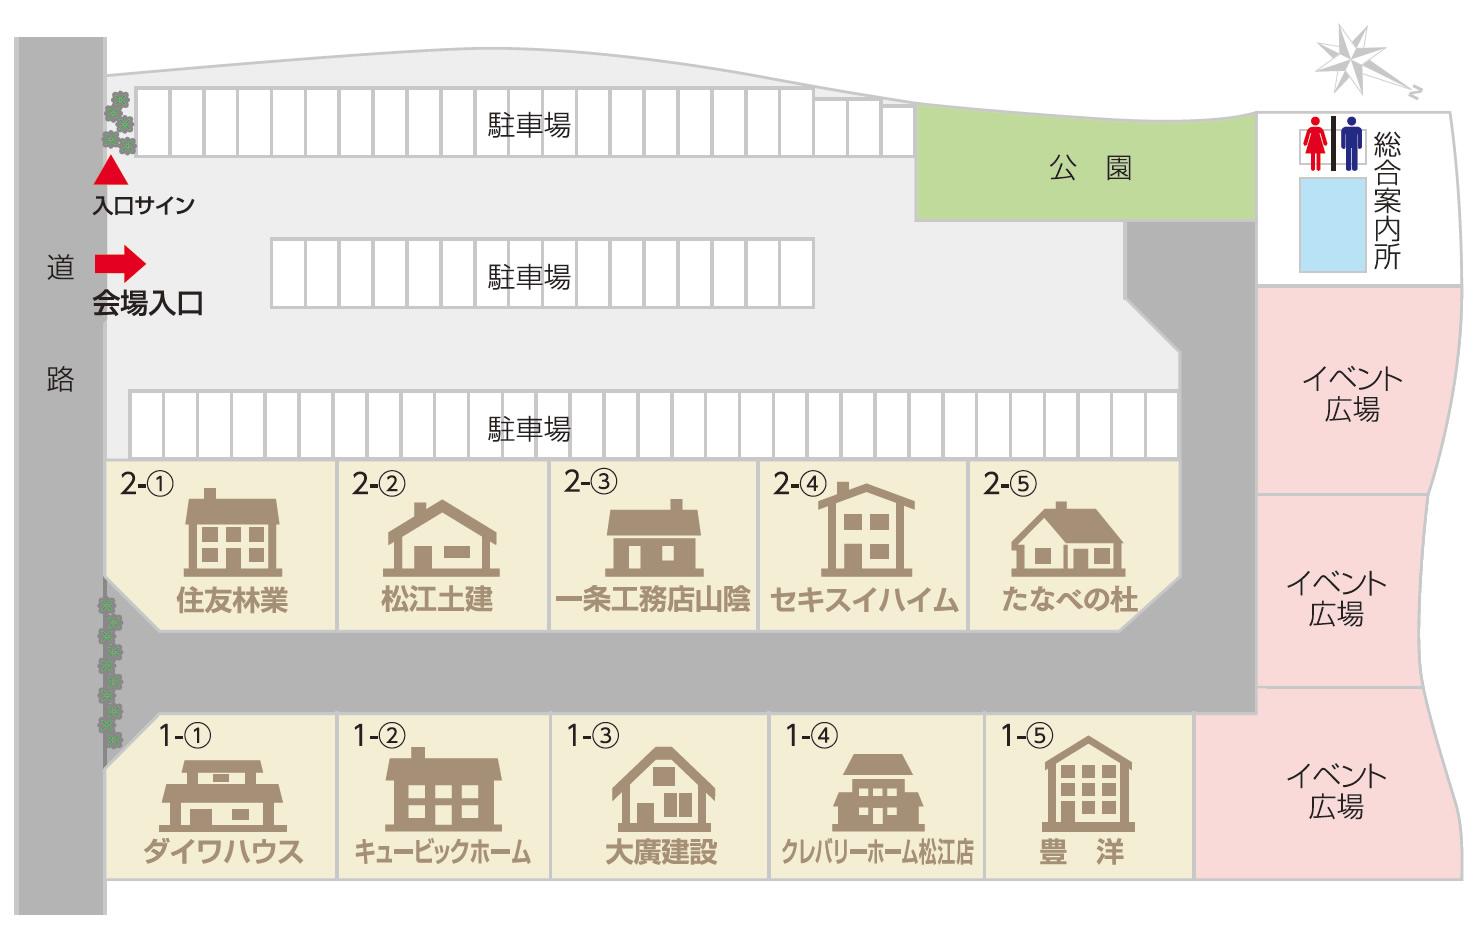 会場見取り図/会場平面図